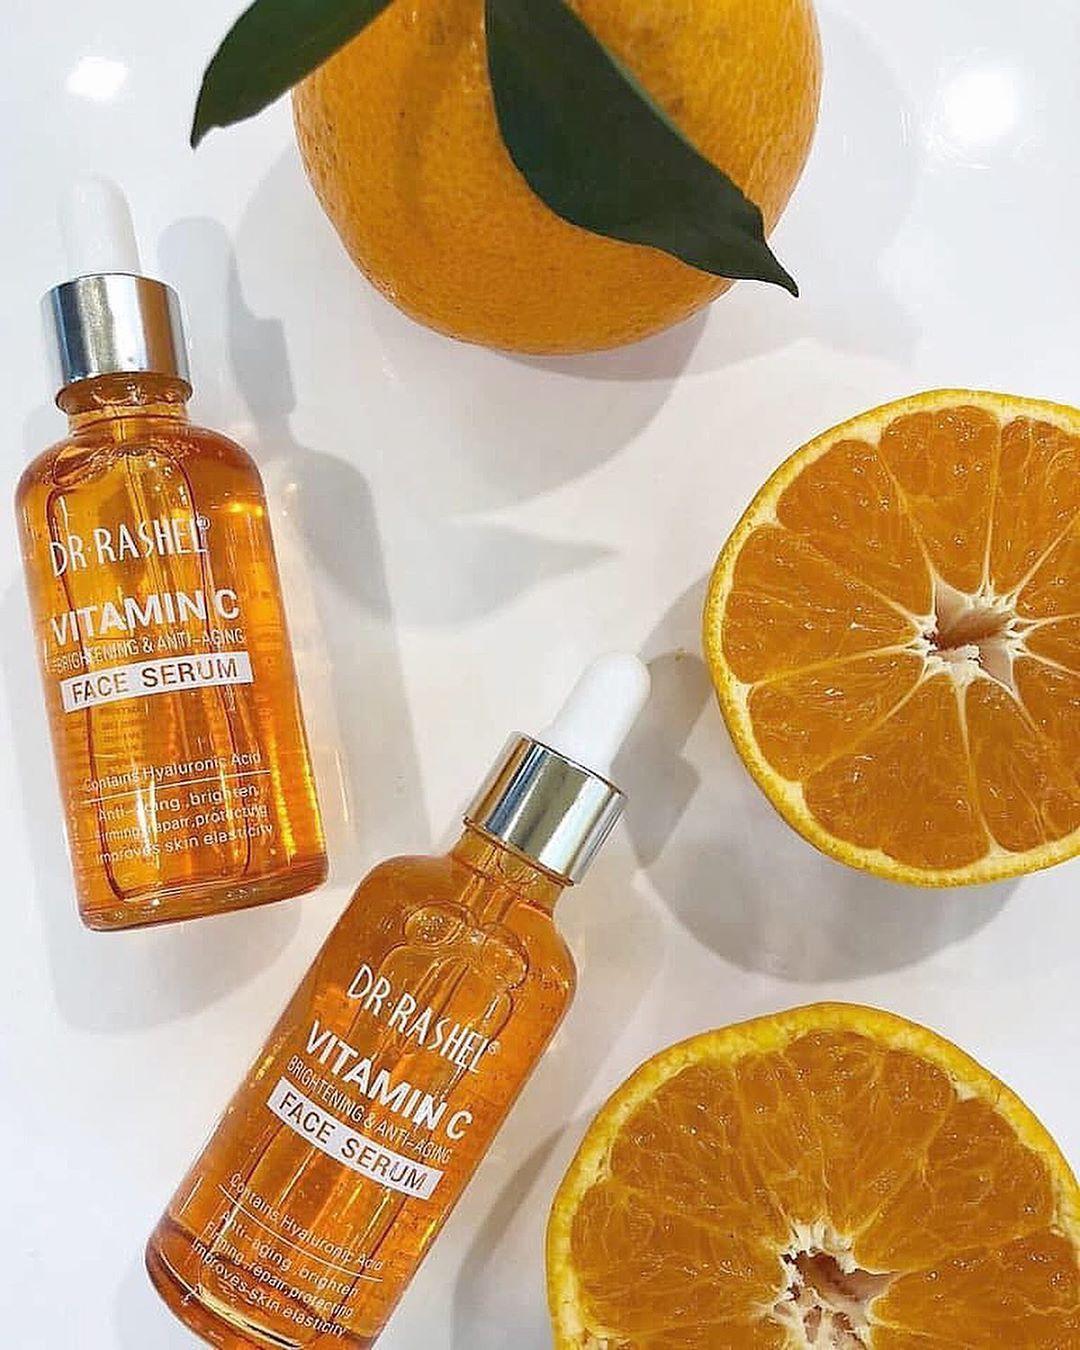 Dr Rashel Vitamin C Face Serum سيروم فيتامين C للوجه وجميع مكوناته يعوض بشرتك عن كافة العانصر التي تجعلها أ Face Serum Vitamin C Face Serum Anti Aging Face